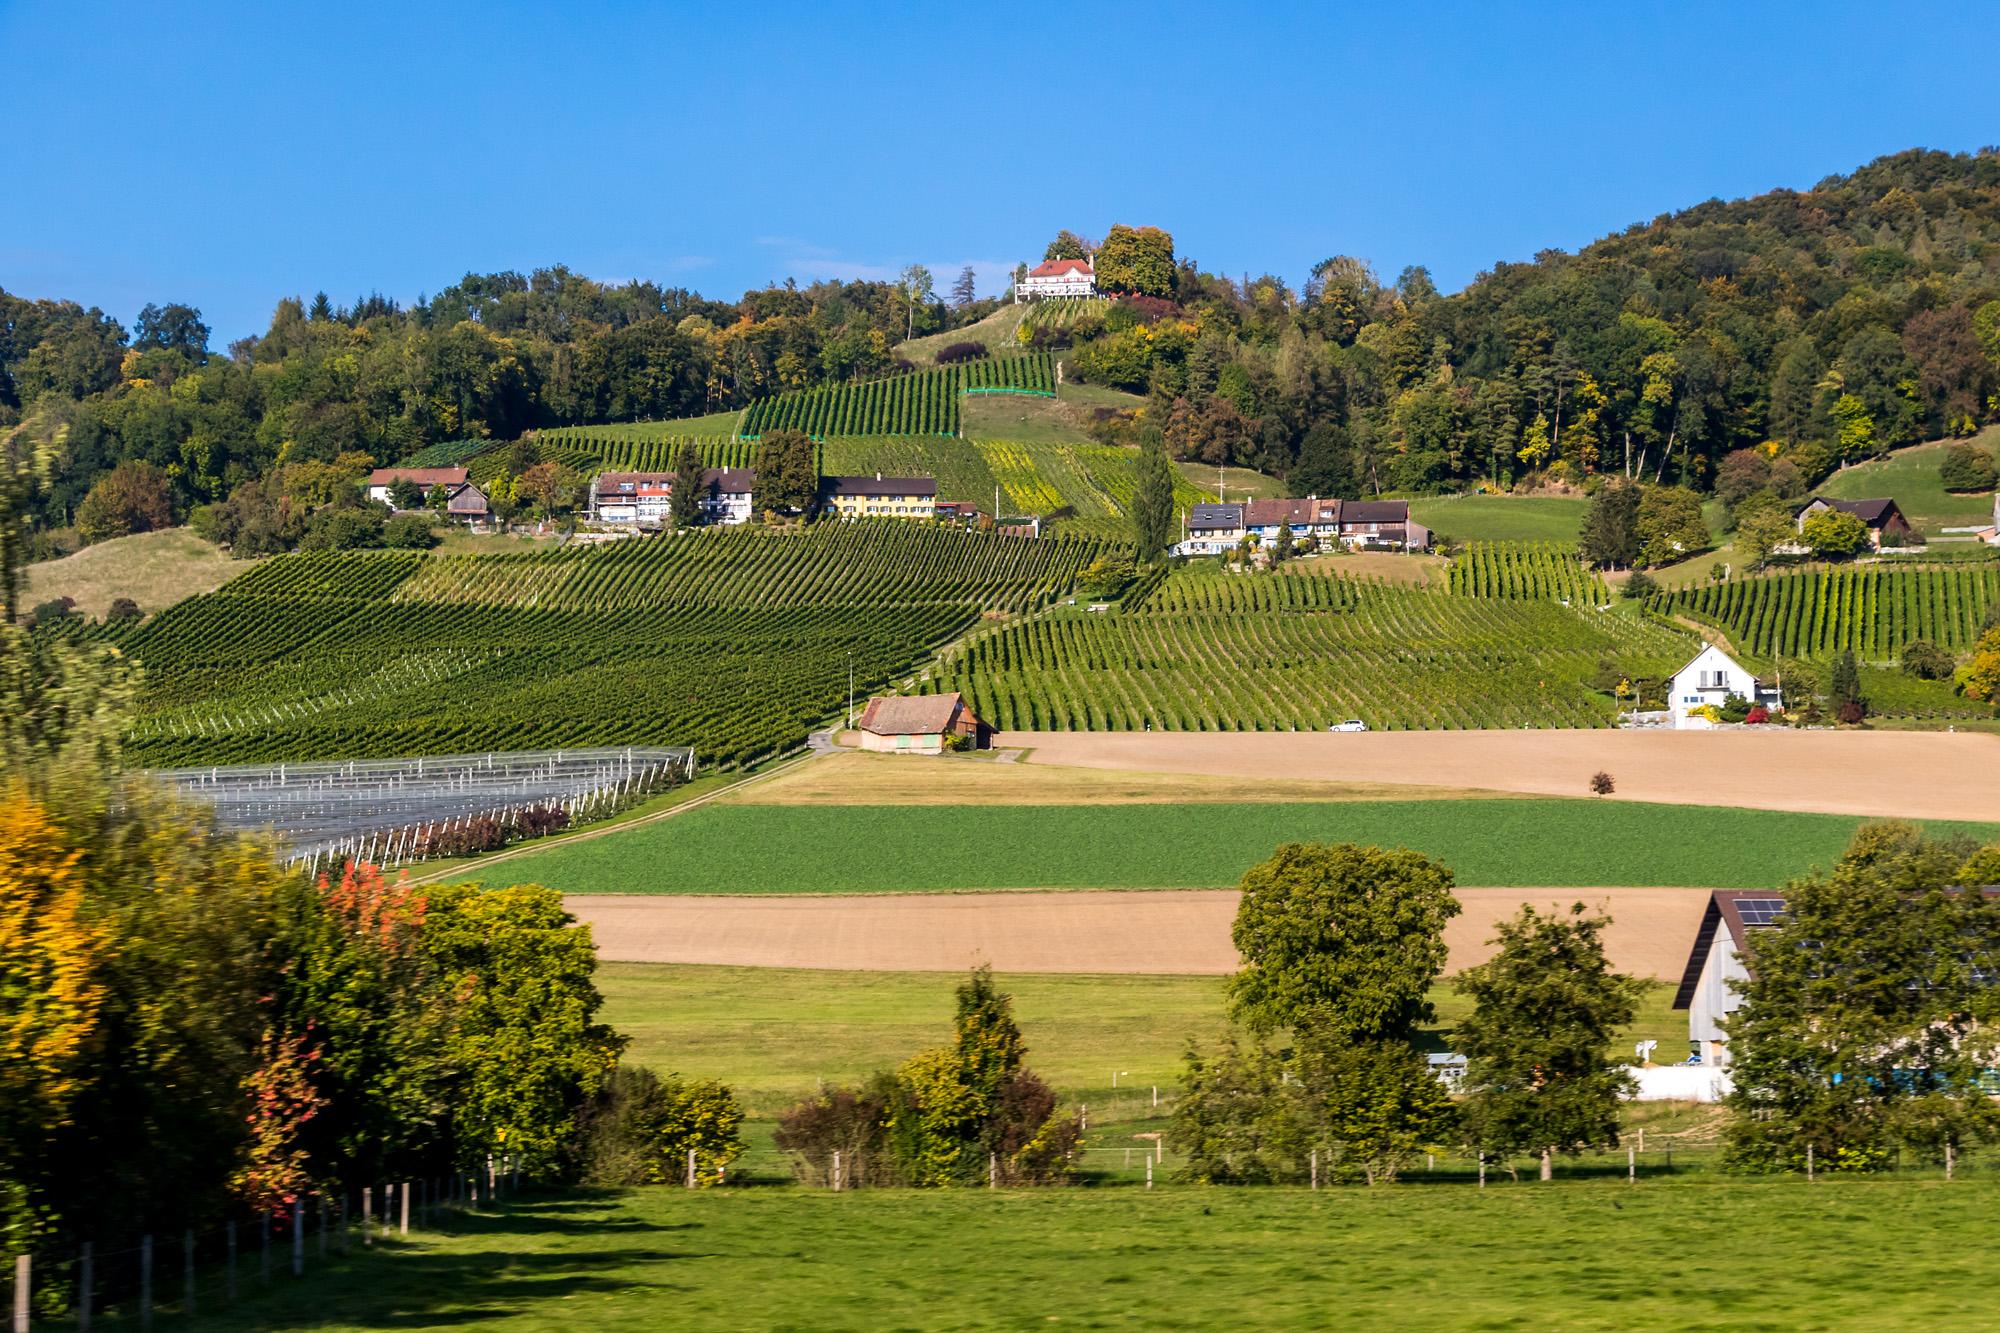 Blick auf die Rebhänge am Ottenberg, welche Weinfelden seinen Namen gegeben haben.